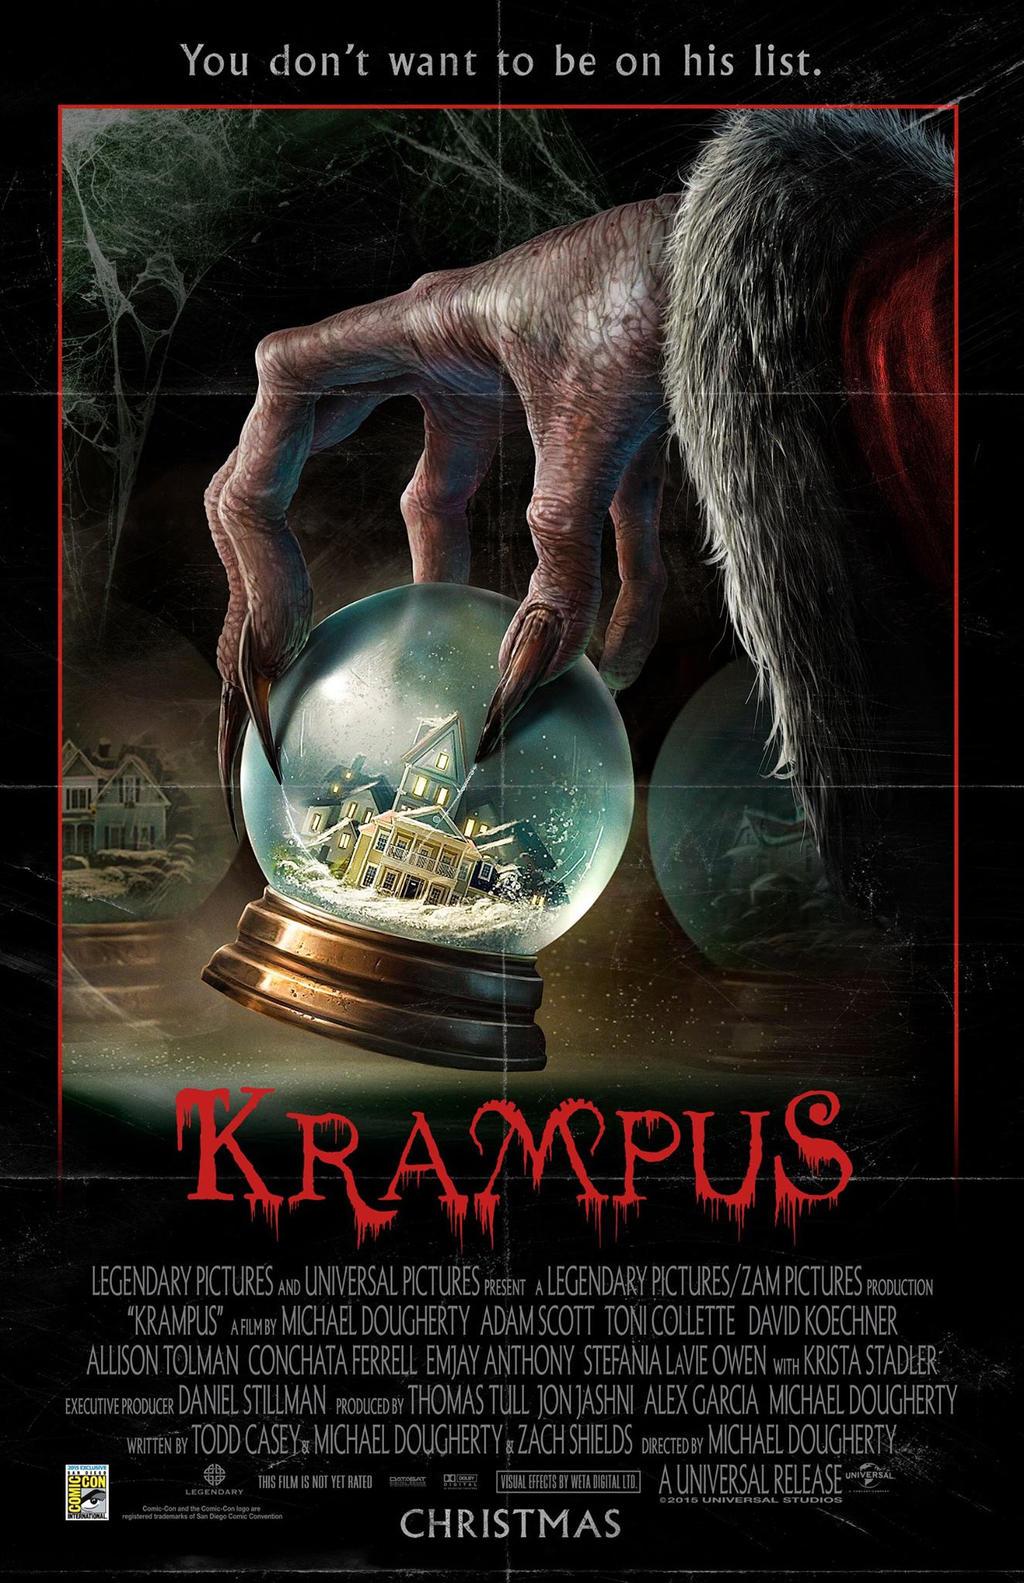 Krampus-poster1 by JeffersonAirship